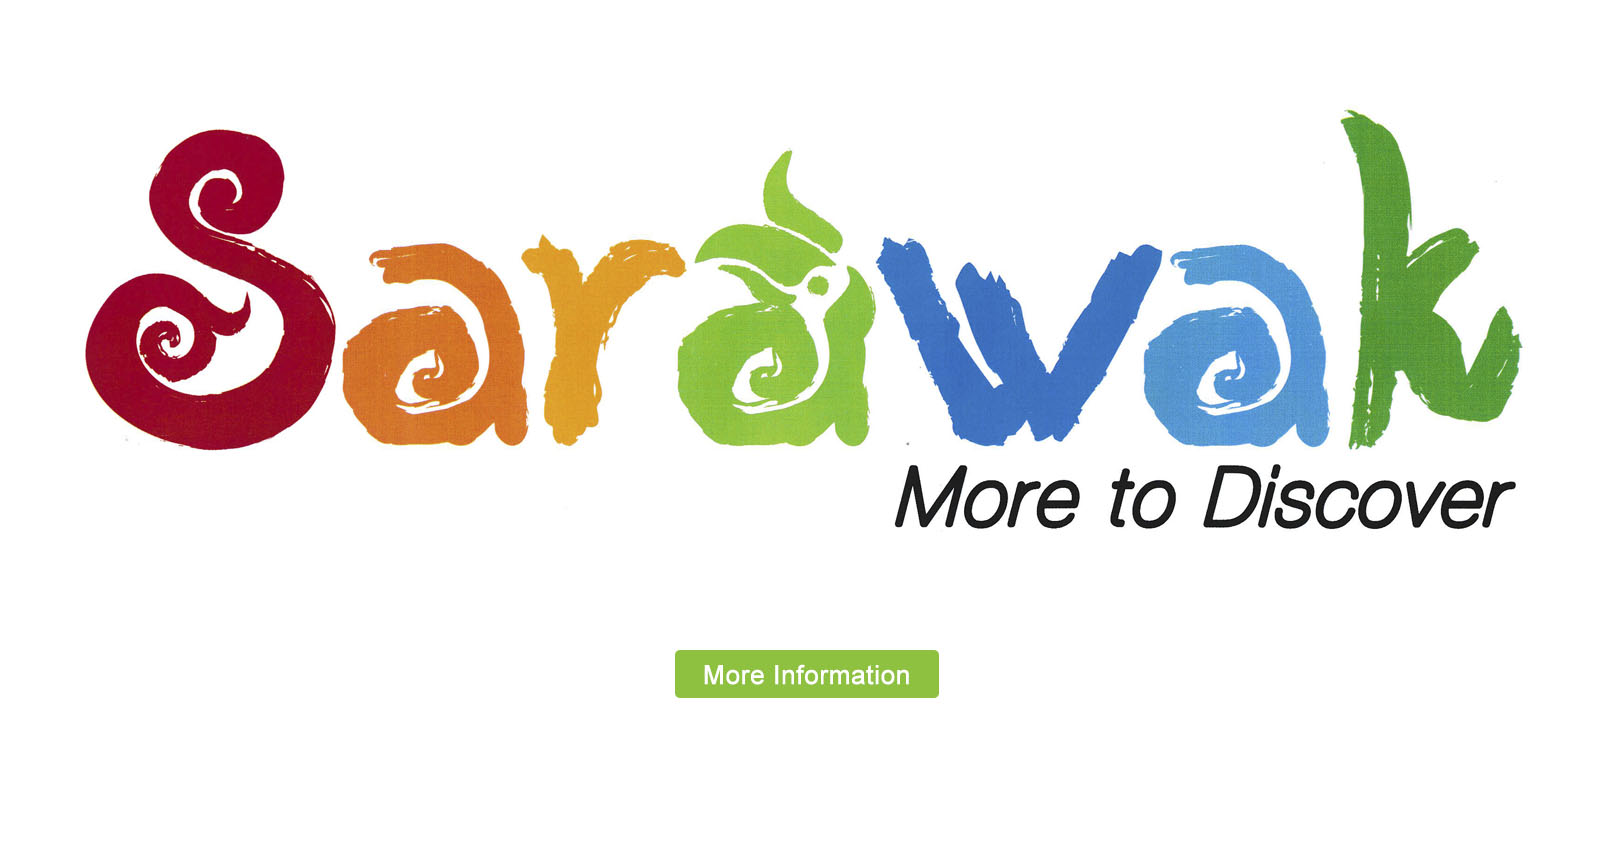 visit-sarawak-banner-gmh